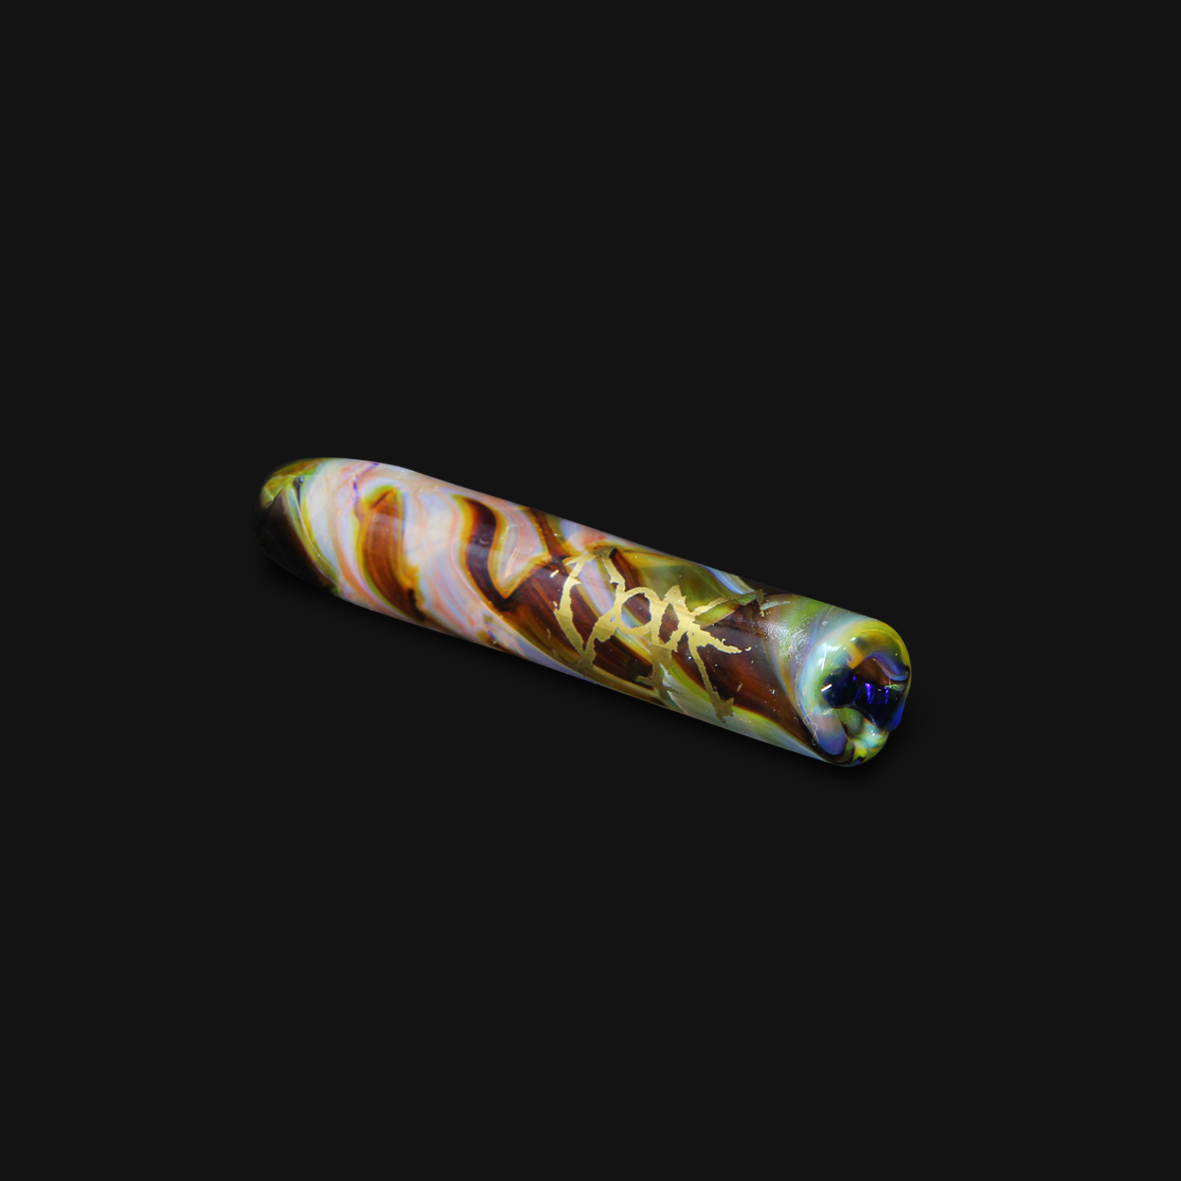 Key Stoned #08